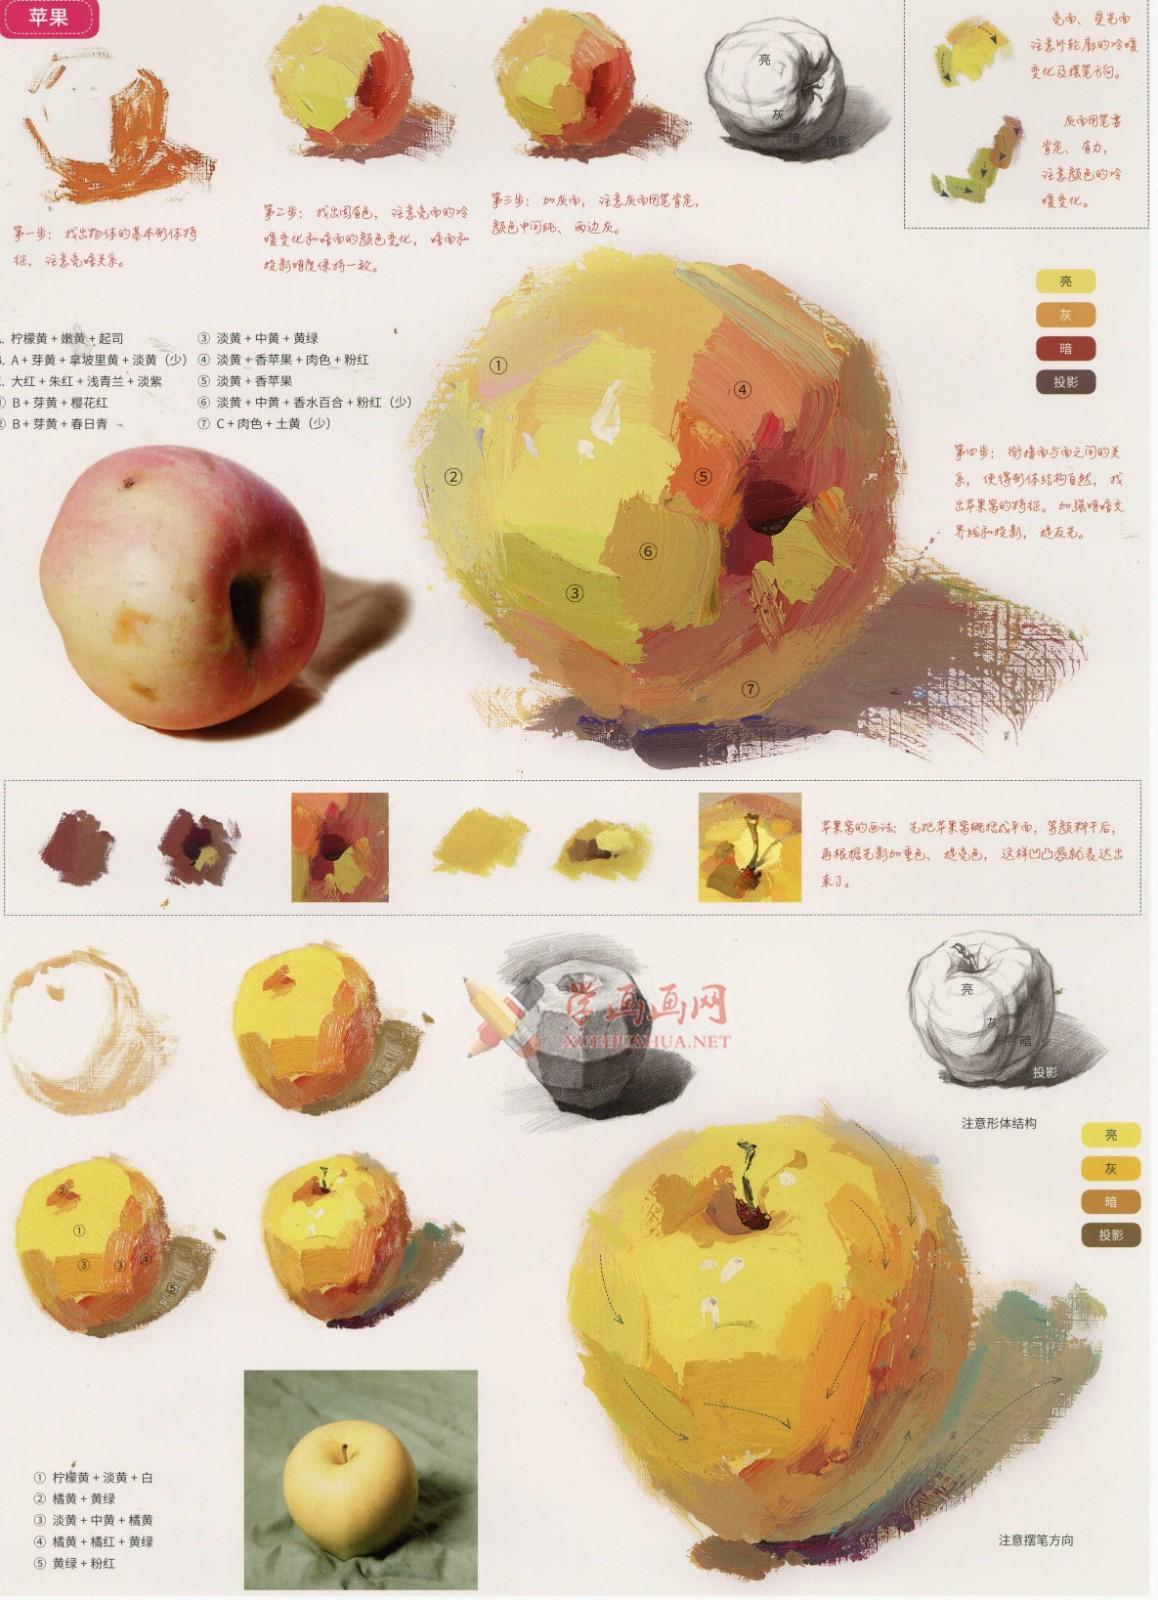 水粉画单体静物:苹果的画法图解及临摹高清范画图片(3)